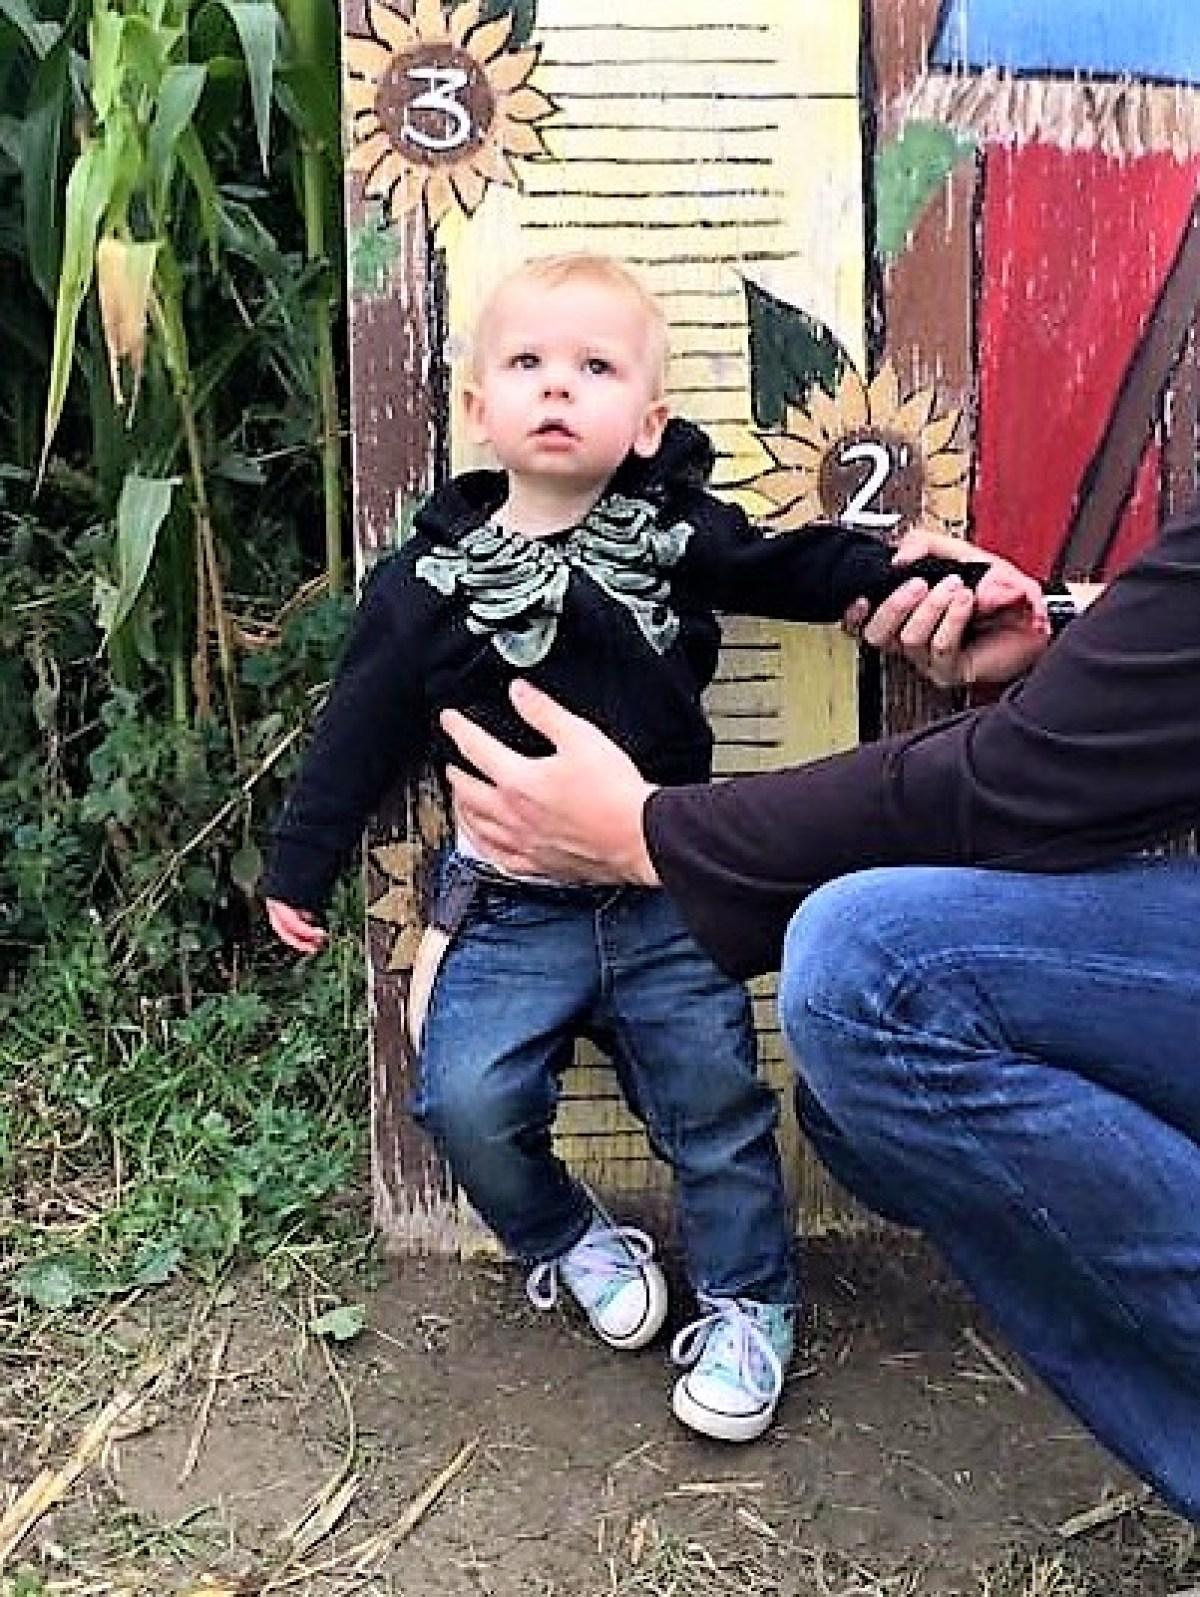 McMillan Farms Pumpkin Adventure! - 2 years ago